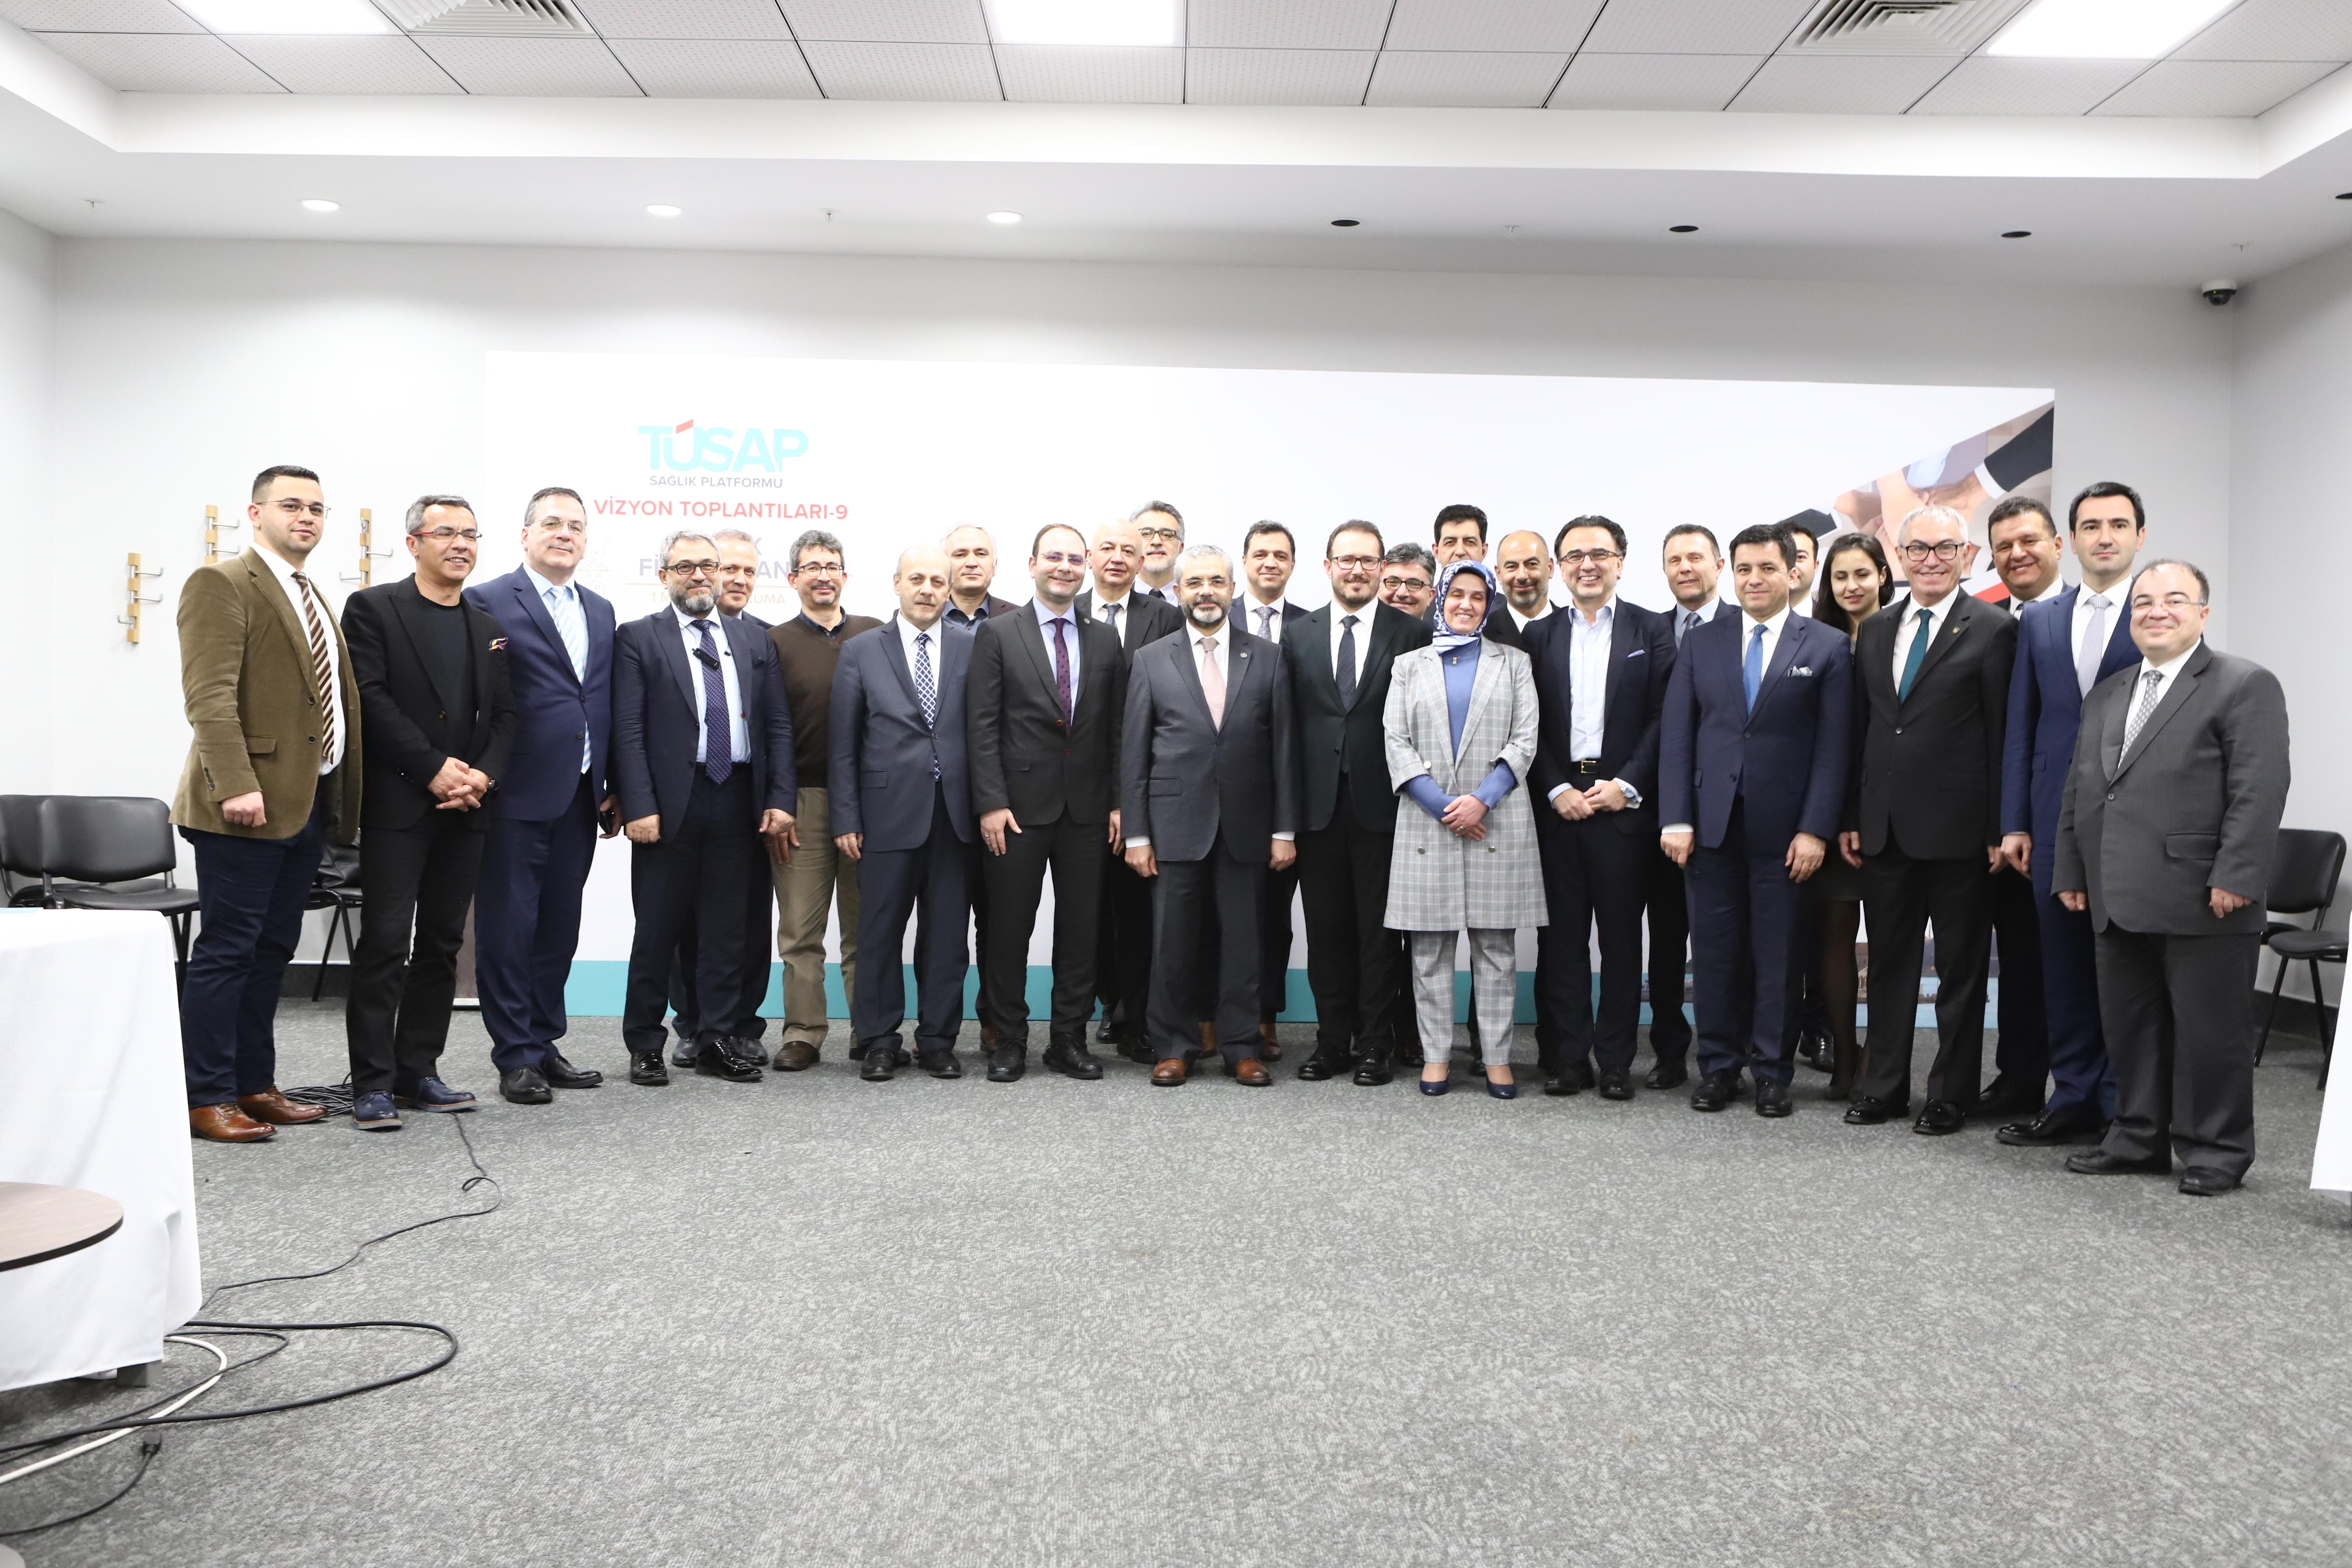 Photo of TÜSAP Vizyon Toplantısında sağlık finansmanı masaya yatırıldı